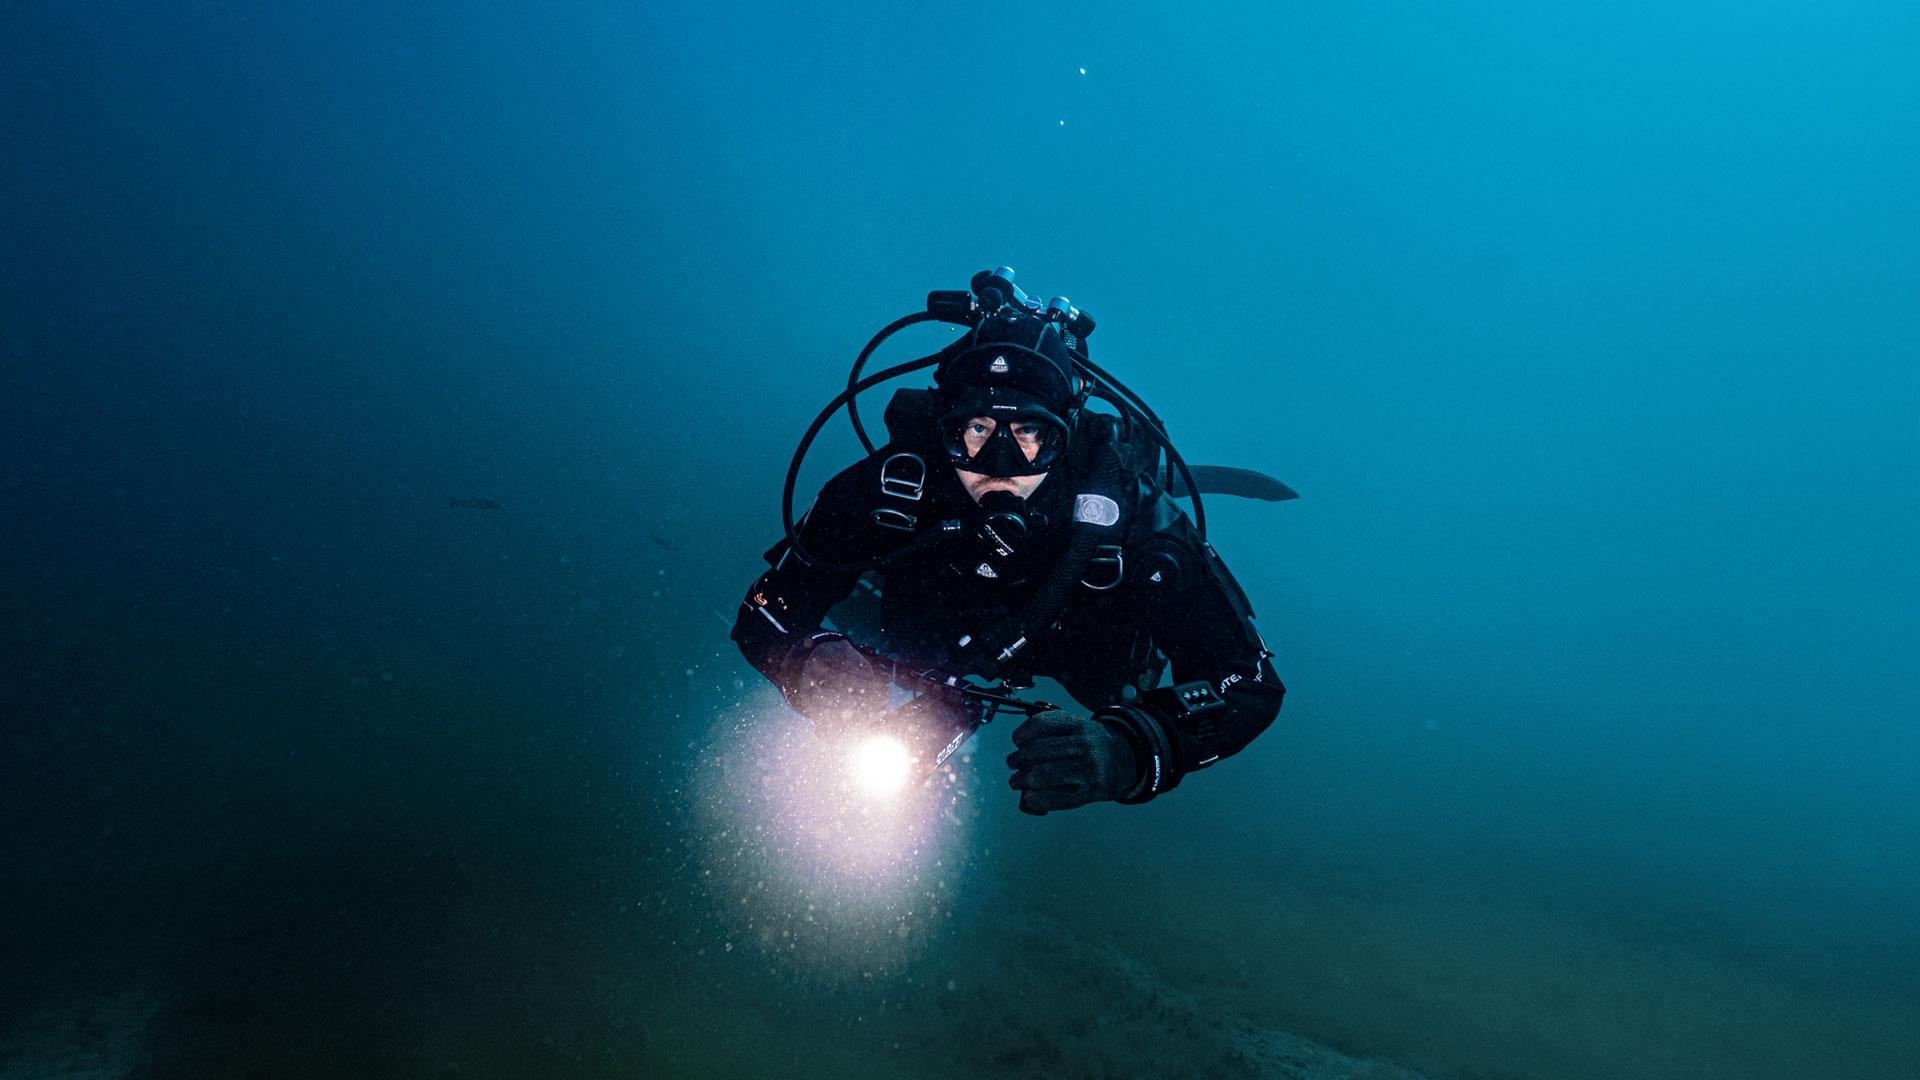 scubajet plongée action leds